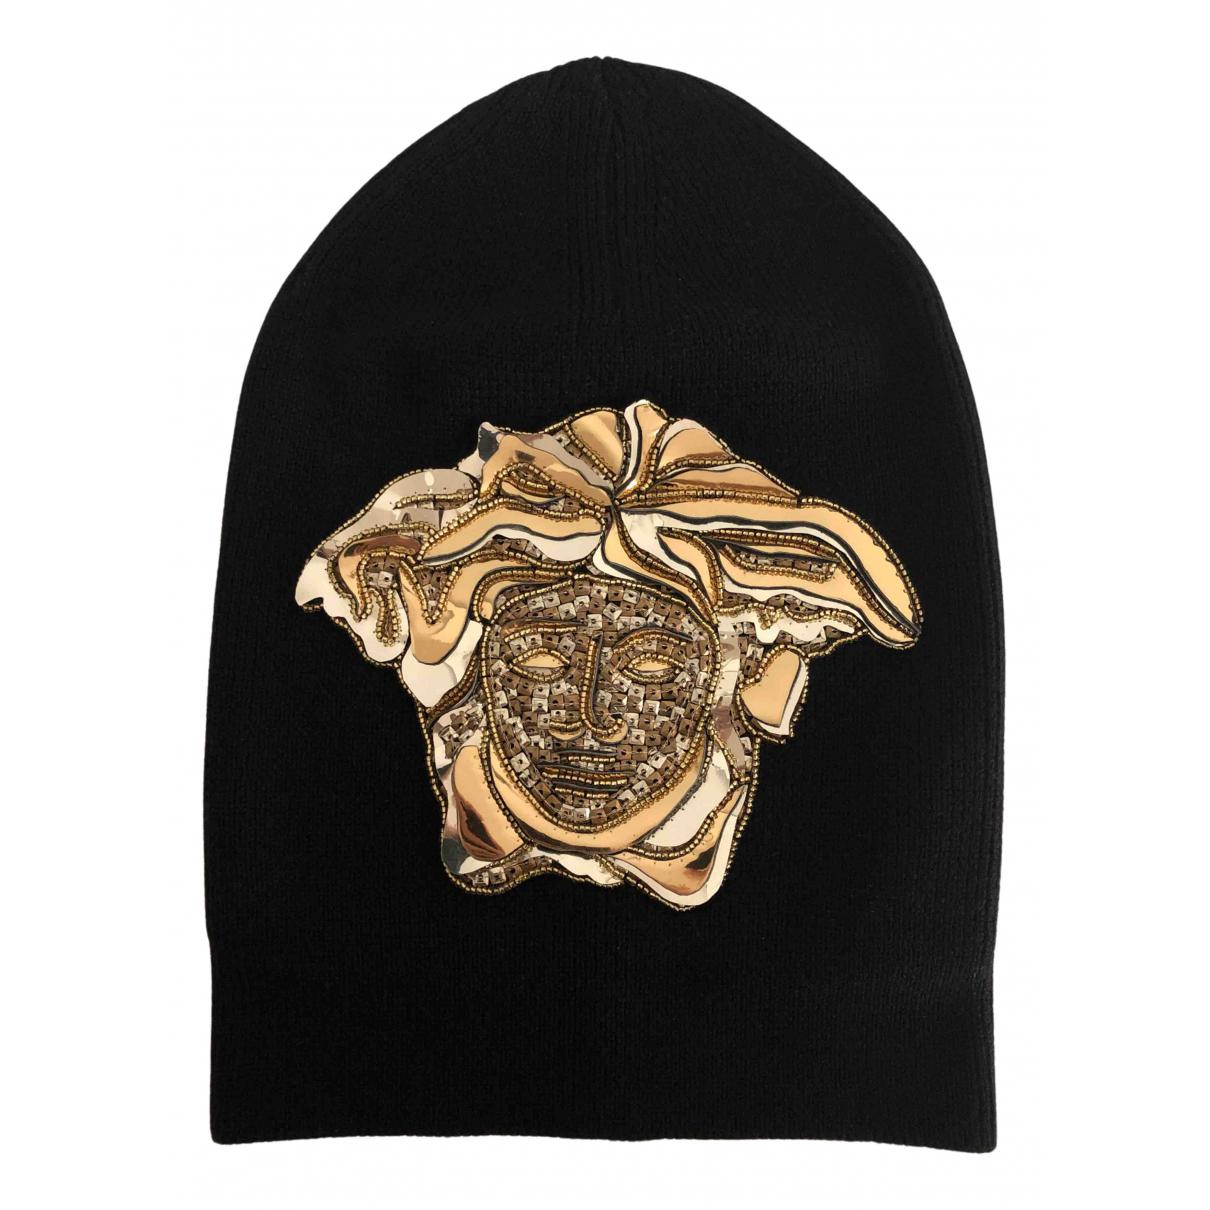 Versace N Black Wool hat & pull on hat for Men M International